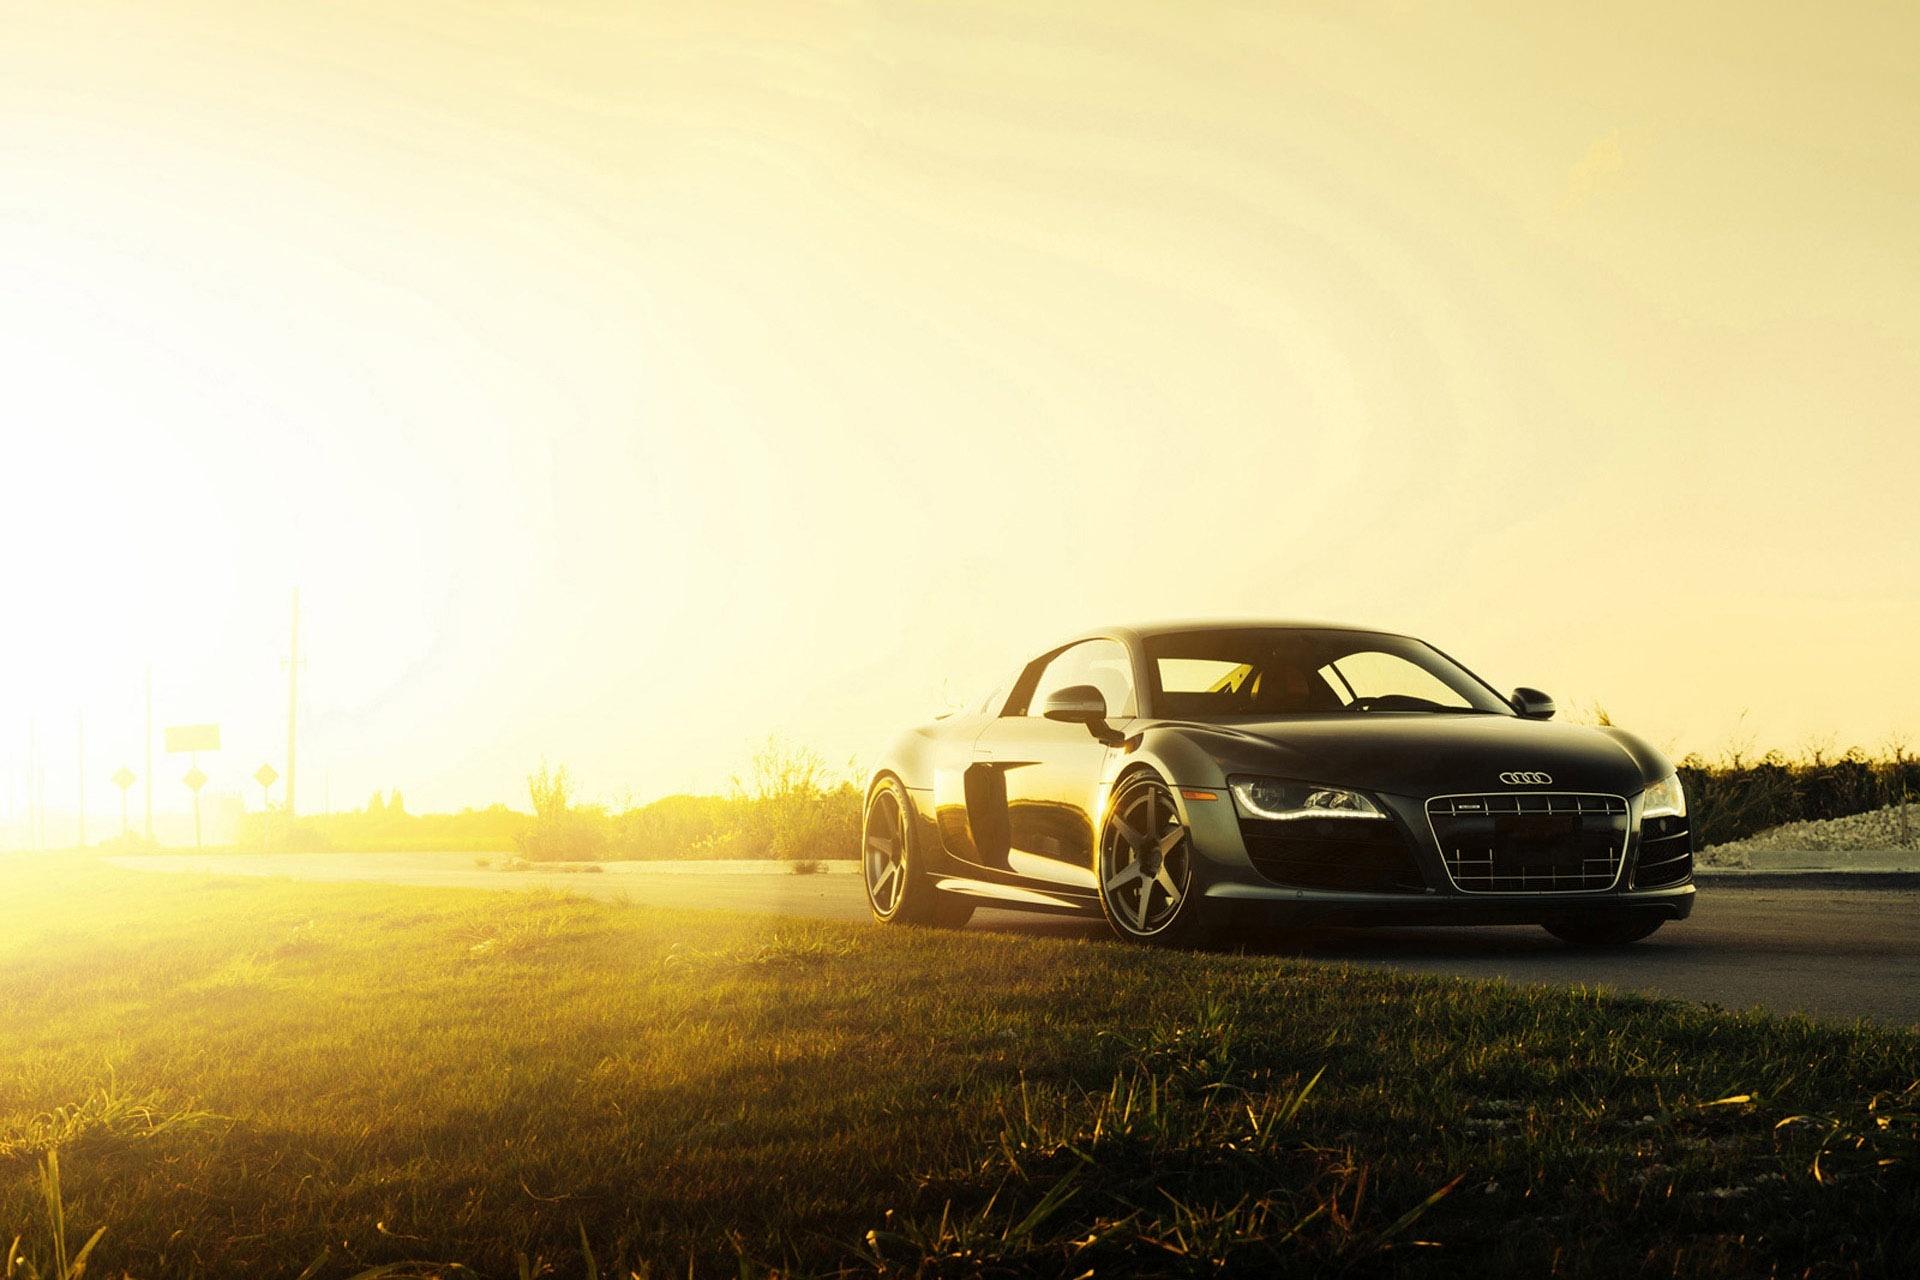 80814 Hintergrundbild herunterladen Audi, Cars, Das Schwarze, Seitenansicht, R8, V10 - Bildschirmschoner und Bilder kostenlos